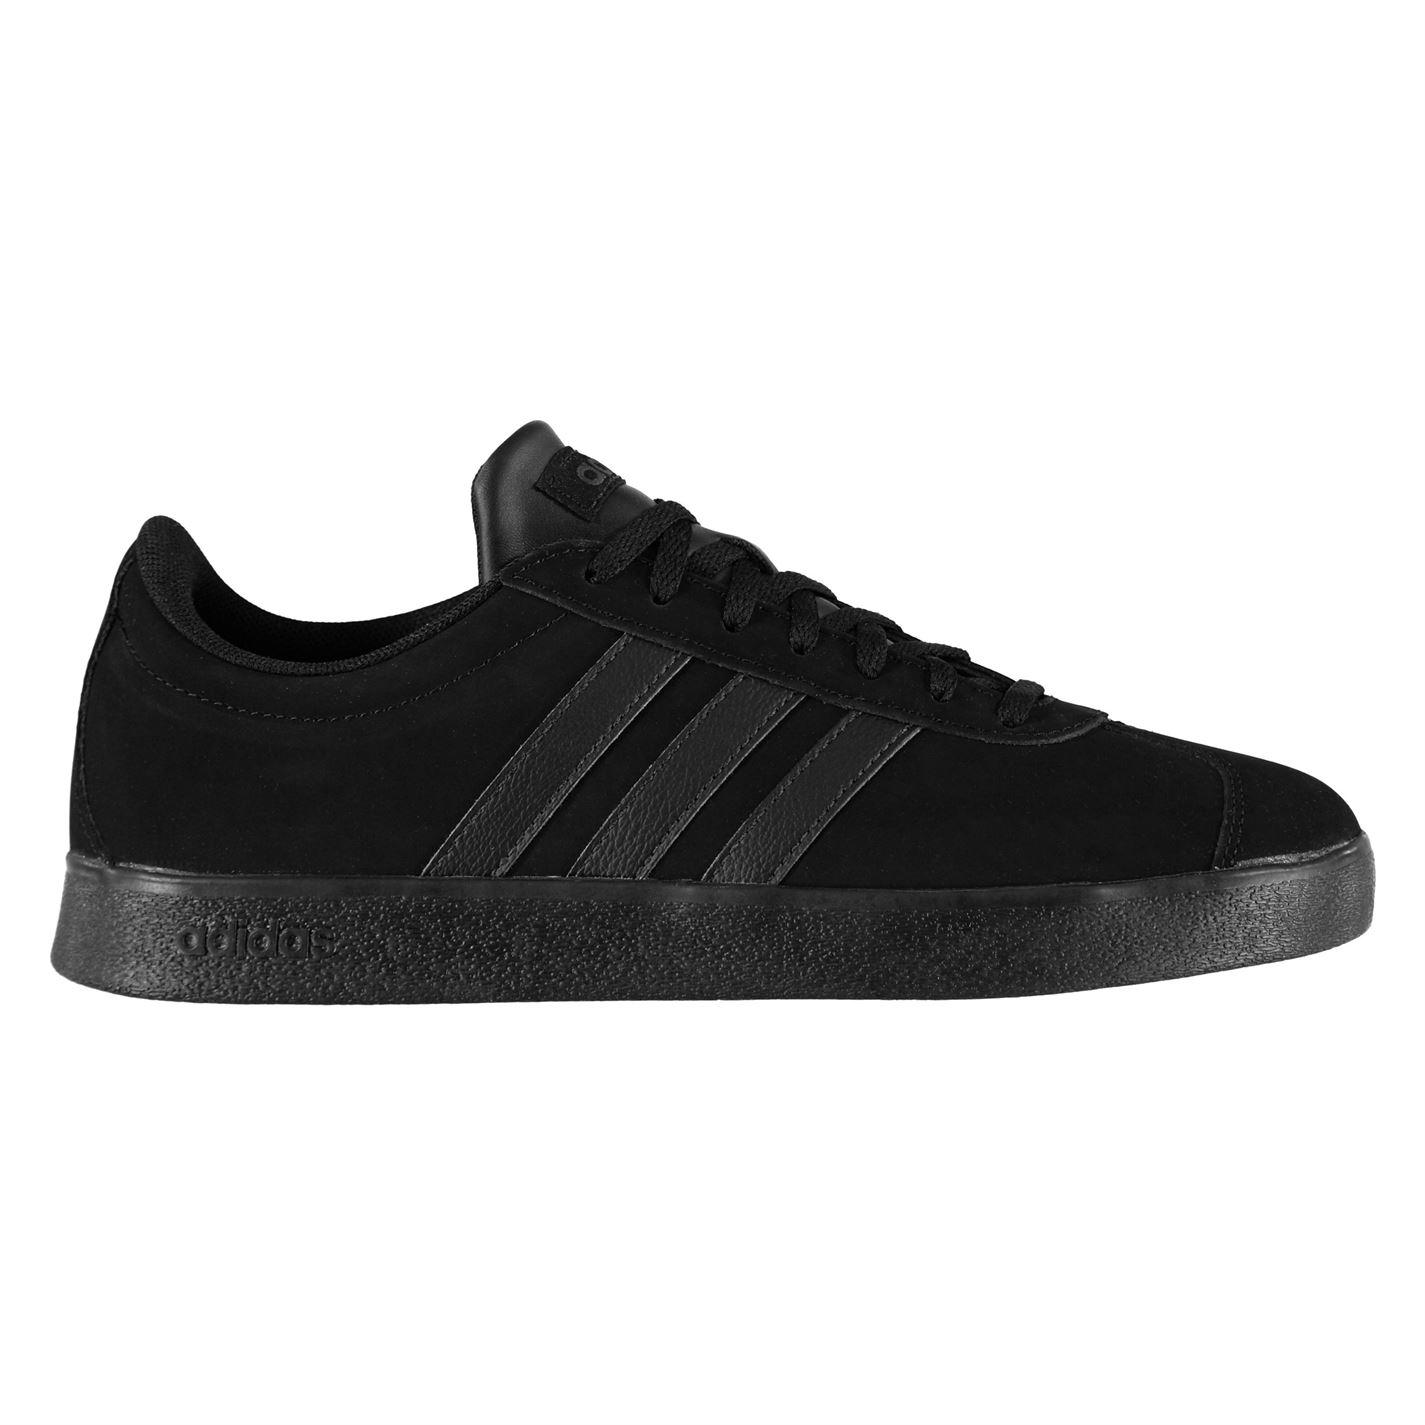 Adidas VL Court Nubuck pánske tenisky